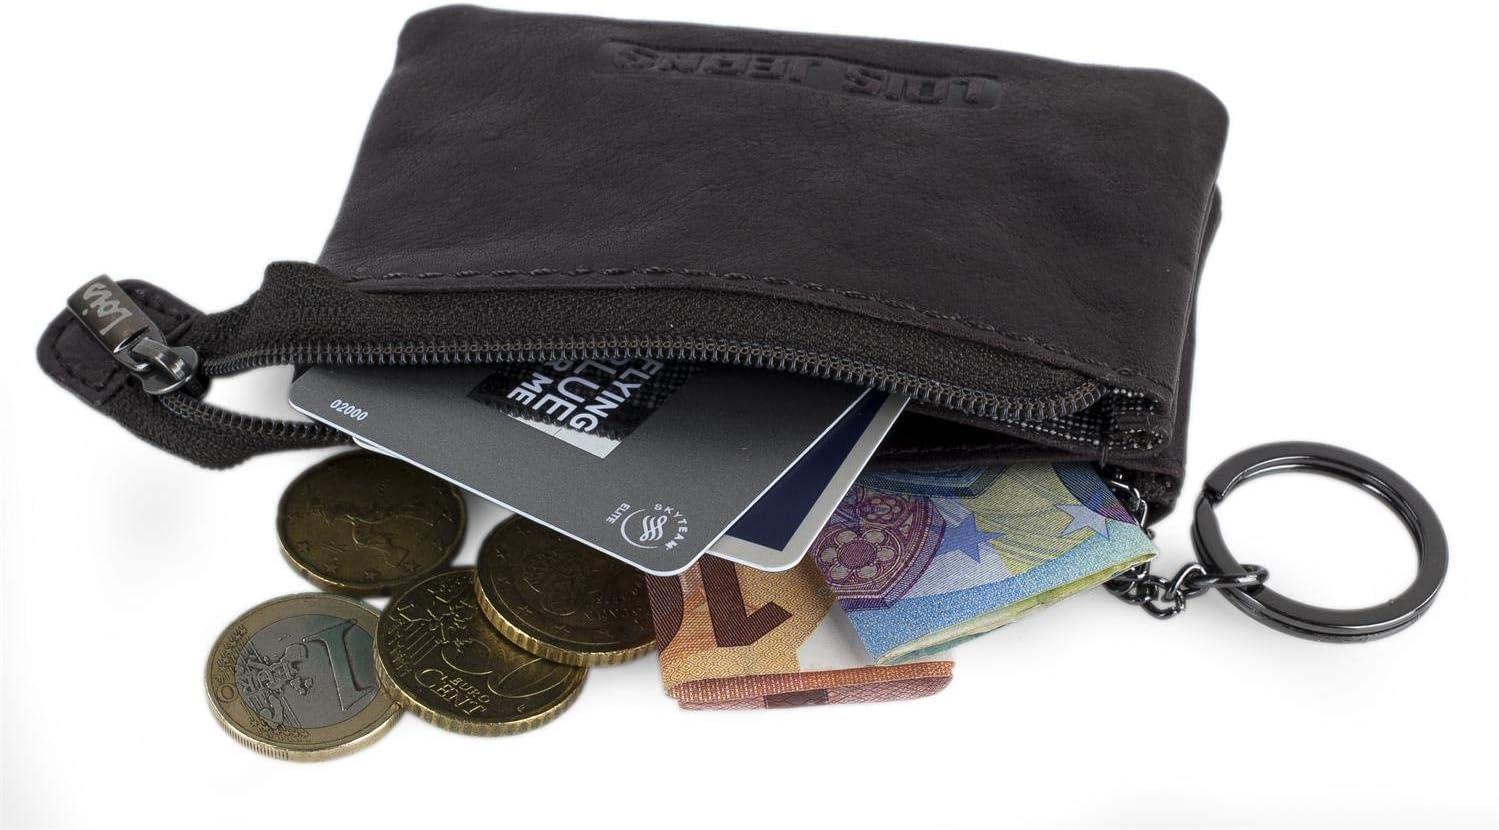 Monedero de Cuero Lois Monedas Llaves Billetes Tarjetas dni Llavero de Piel Genuina Peque/ño Cl/ásico Protecci/ón RFID 201459 Color Marron Oscuro